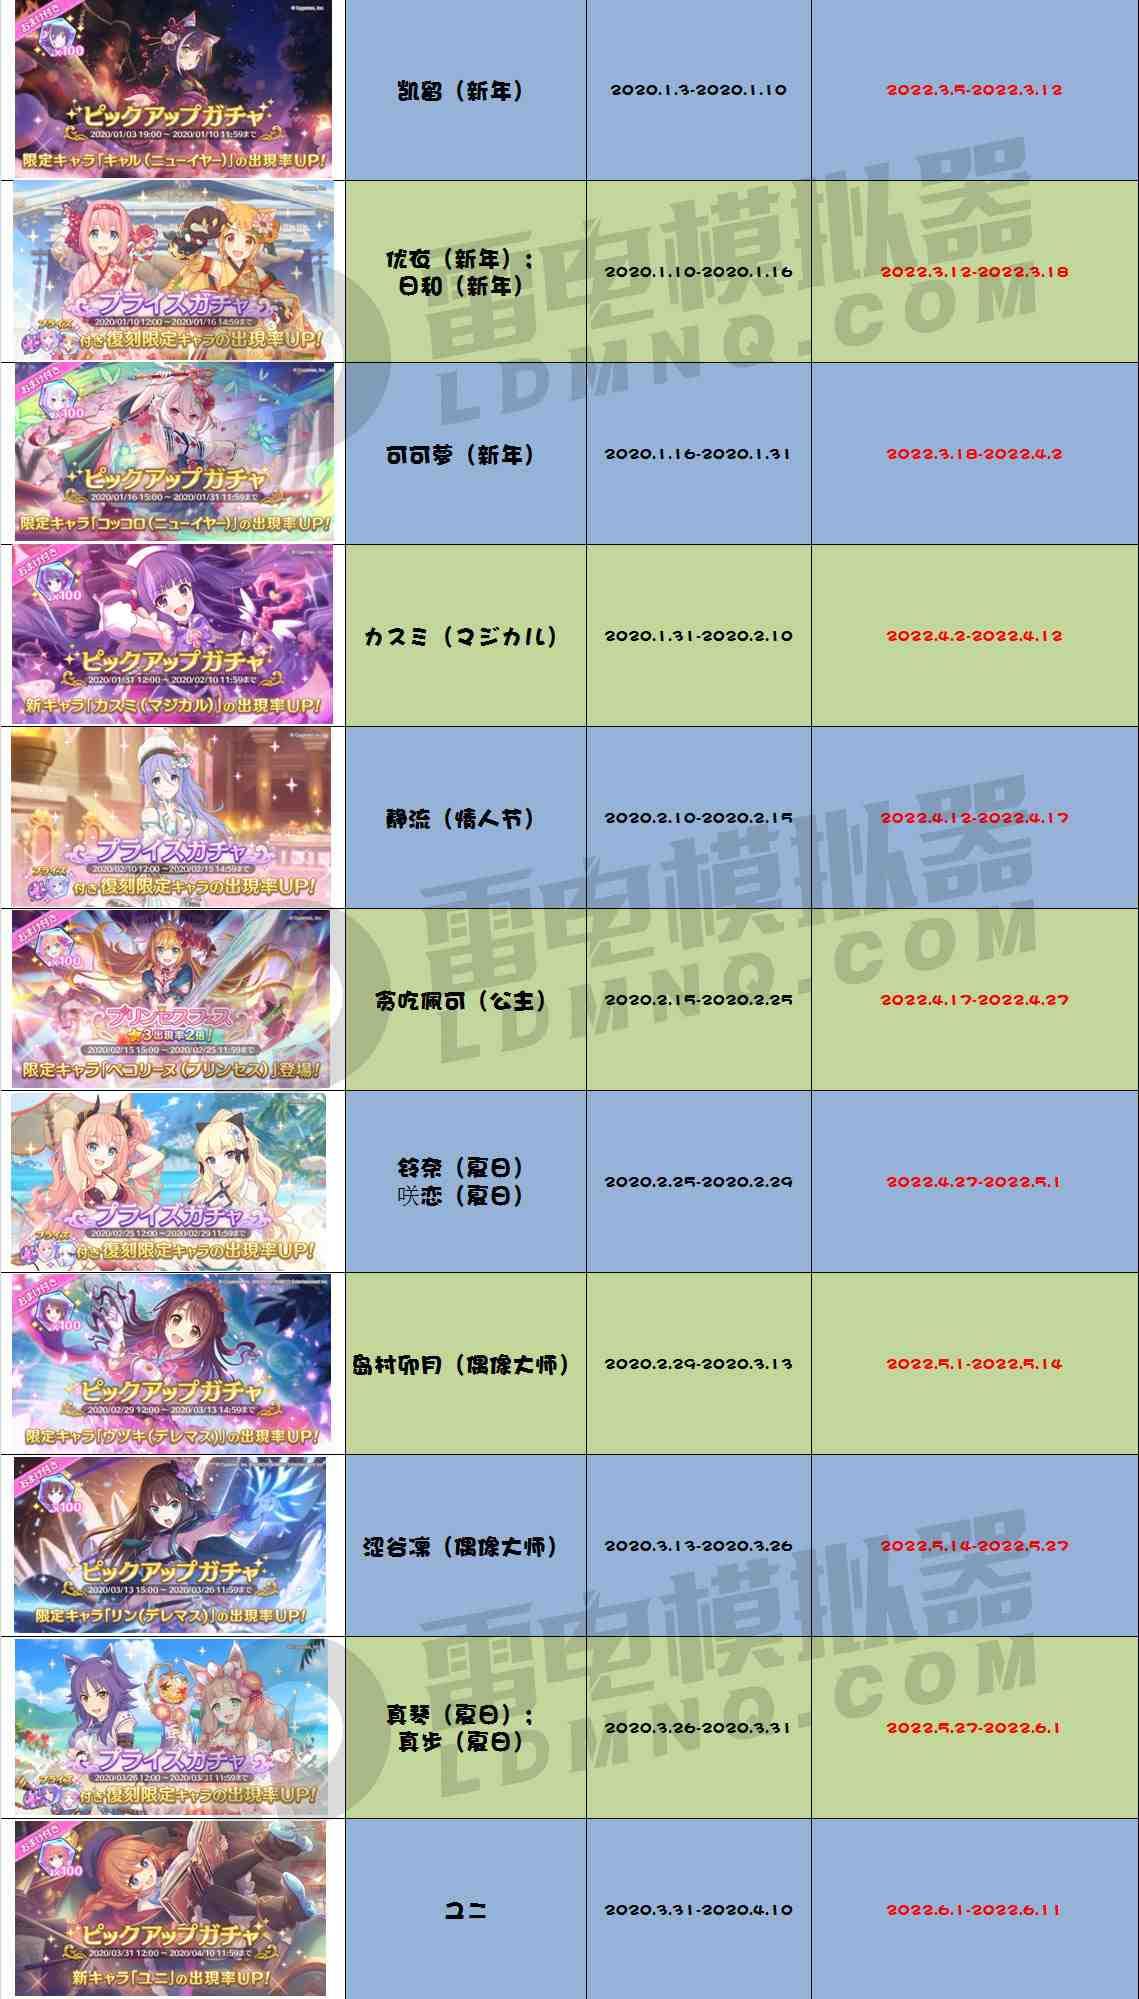 【公主连结】国服卡池开放时间顺序预测表